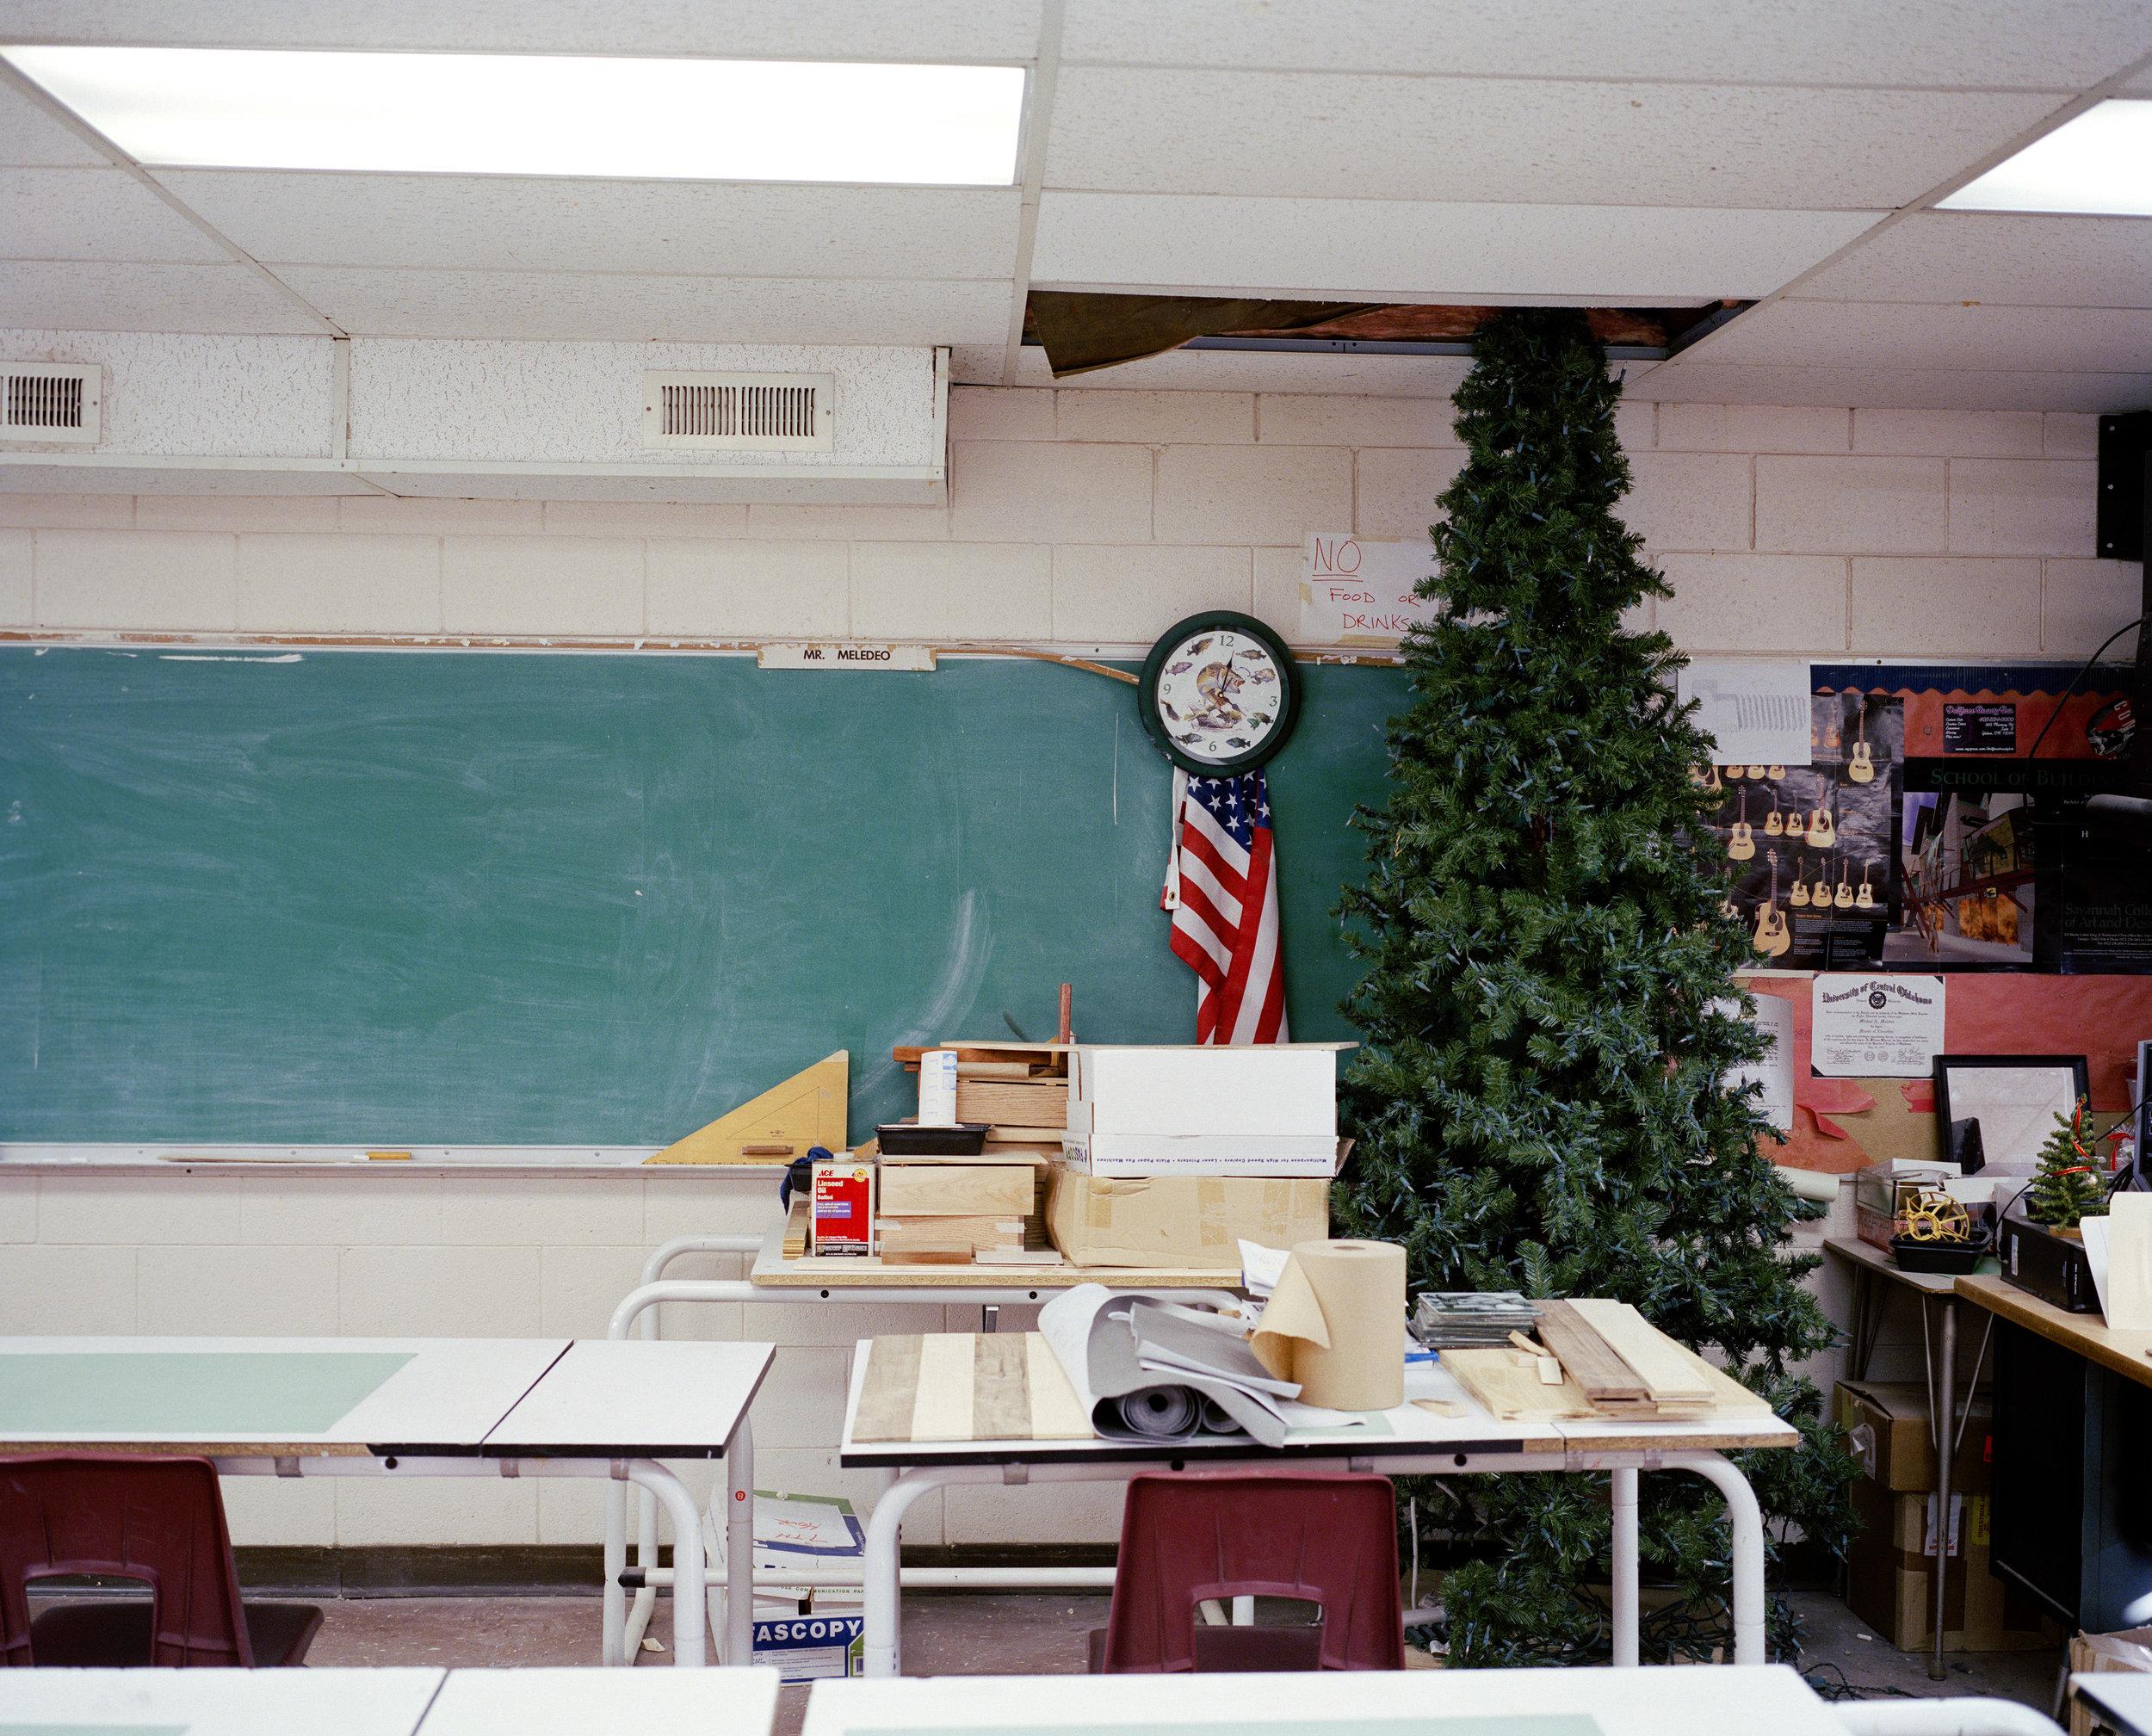 Jon_Ervin_Architecture Classroom.jpg